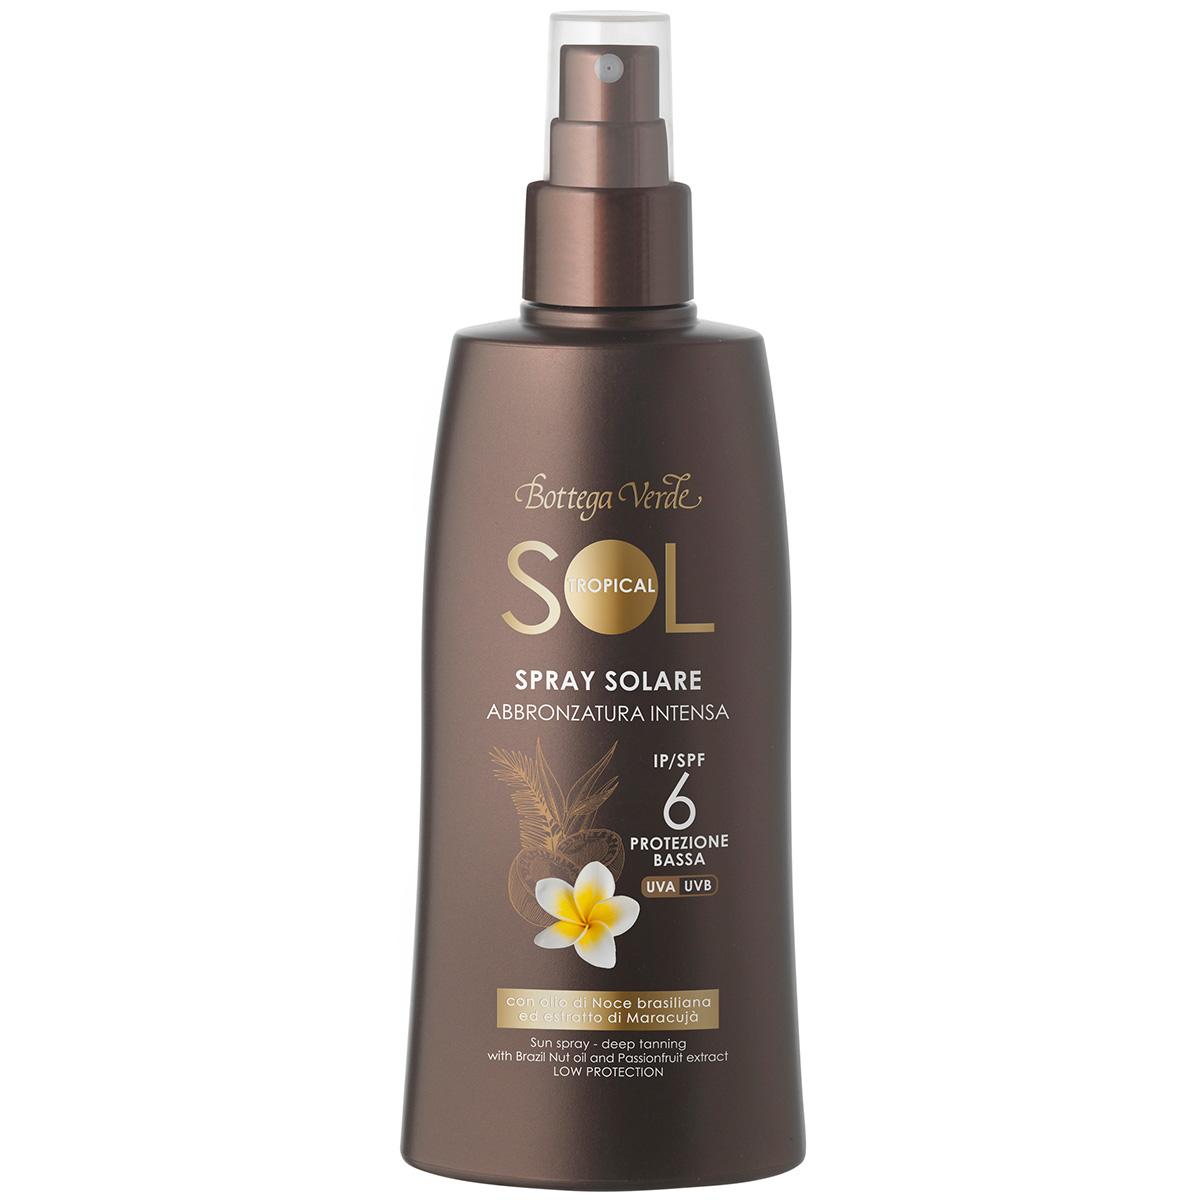 Protectie Solara - Crema spray pentru plaja rezistent la apa, pentru un bronz aprins, cu ulei de nuci braziliene si extract de maracuja, SPF 6